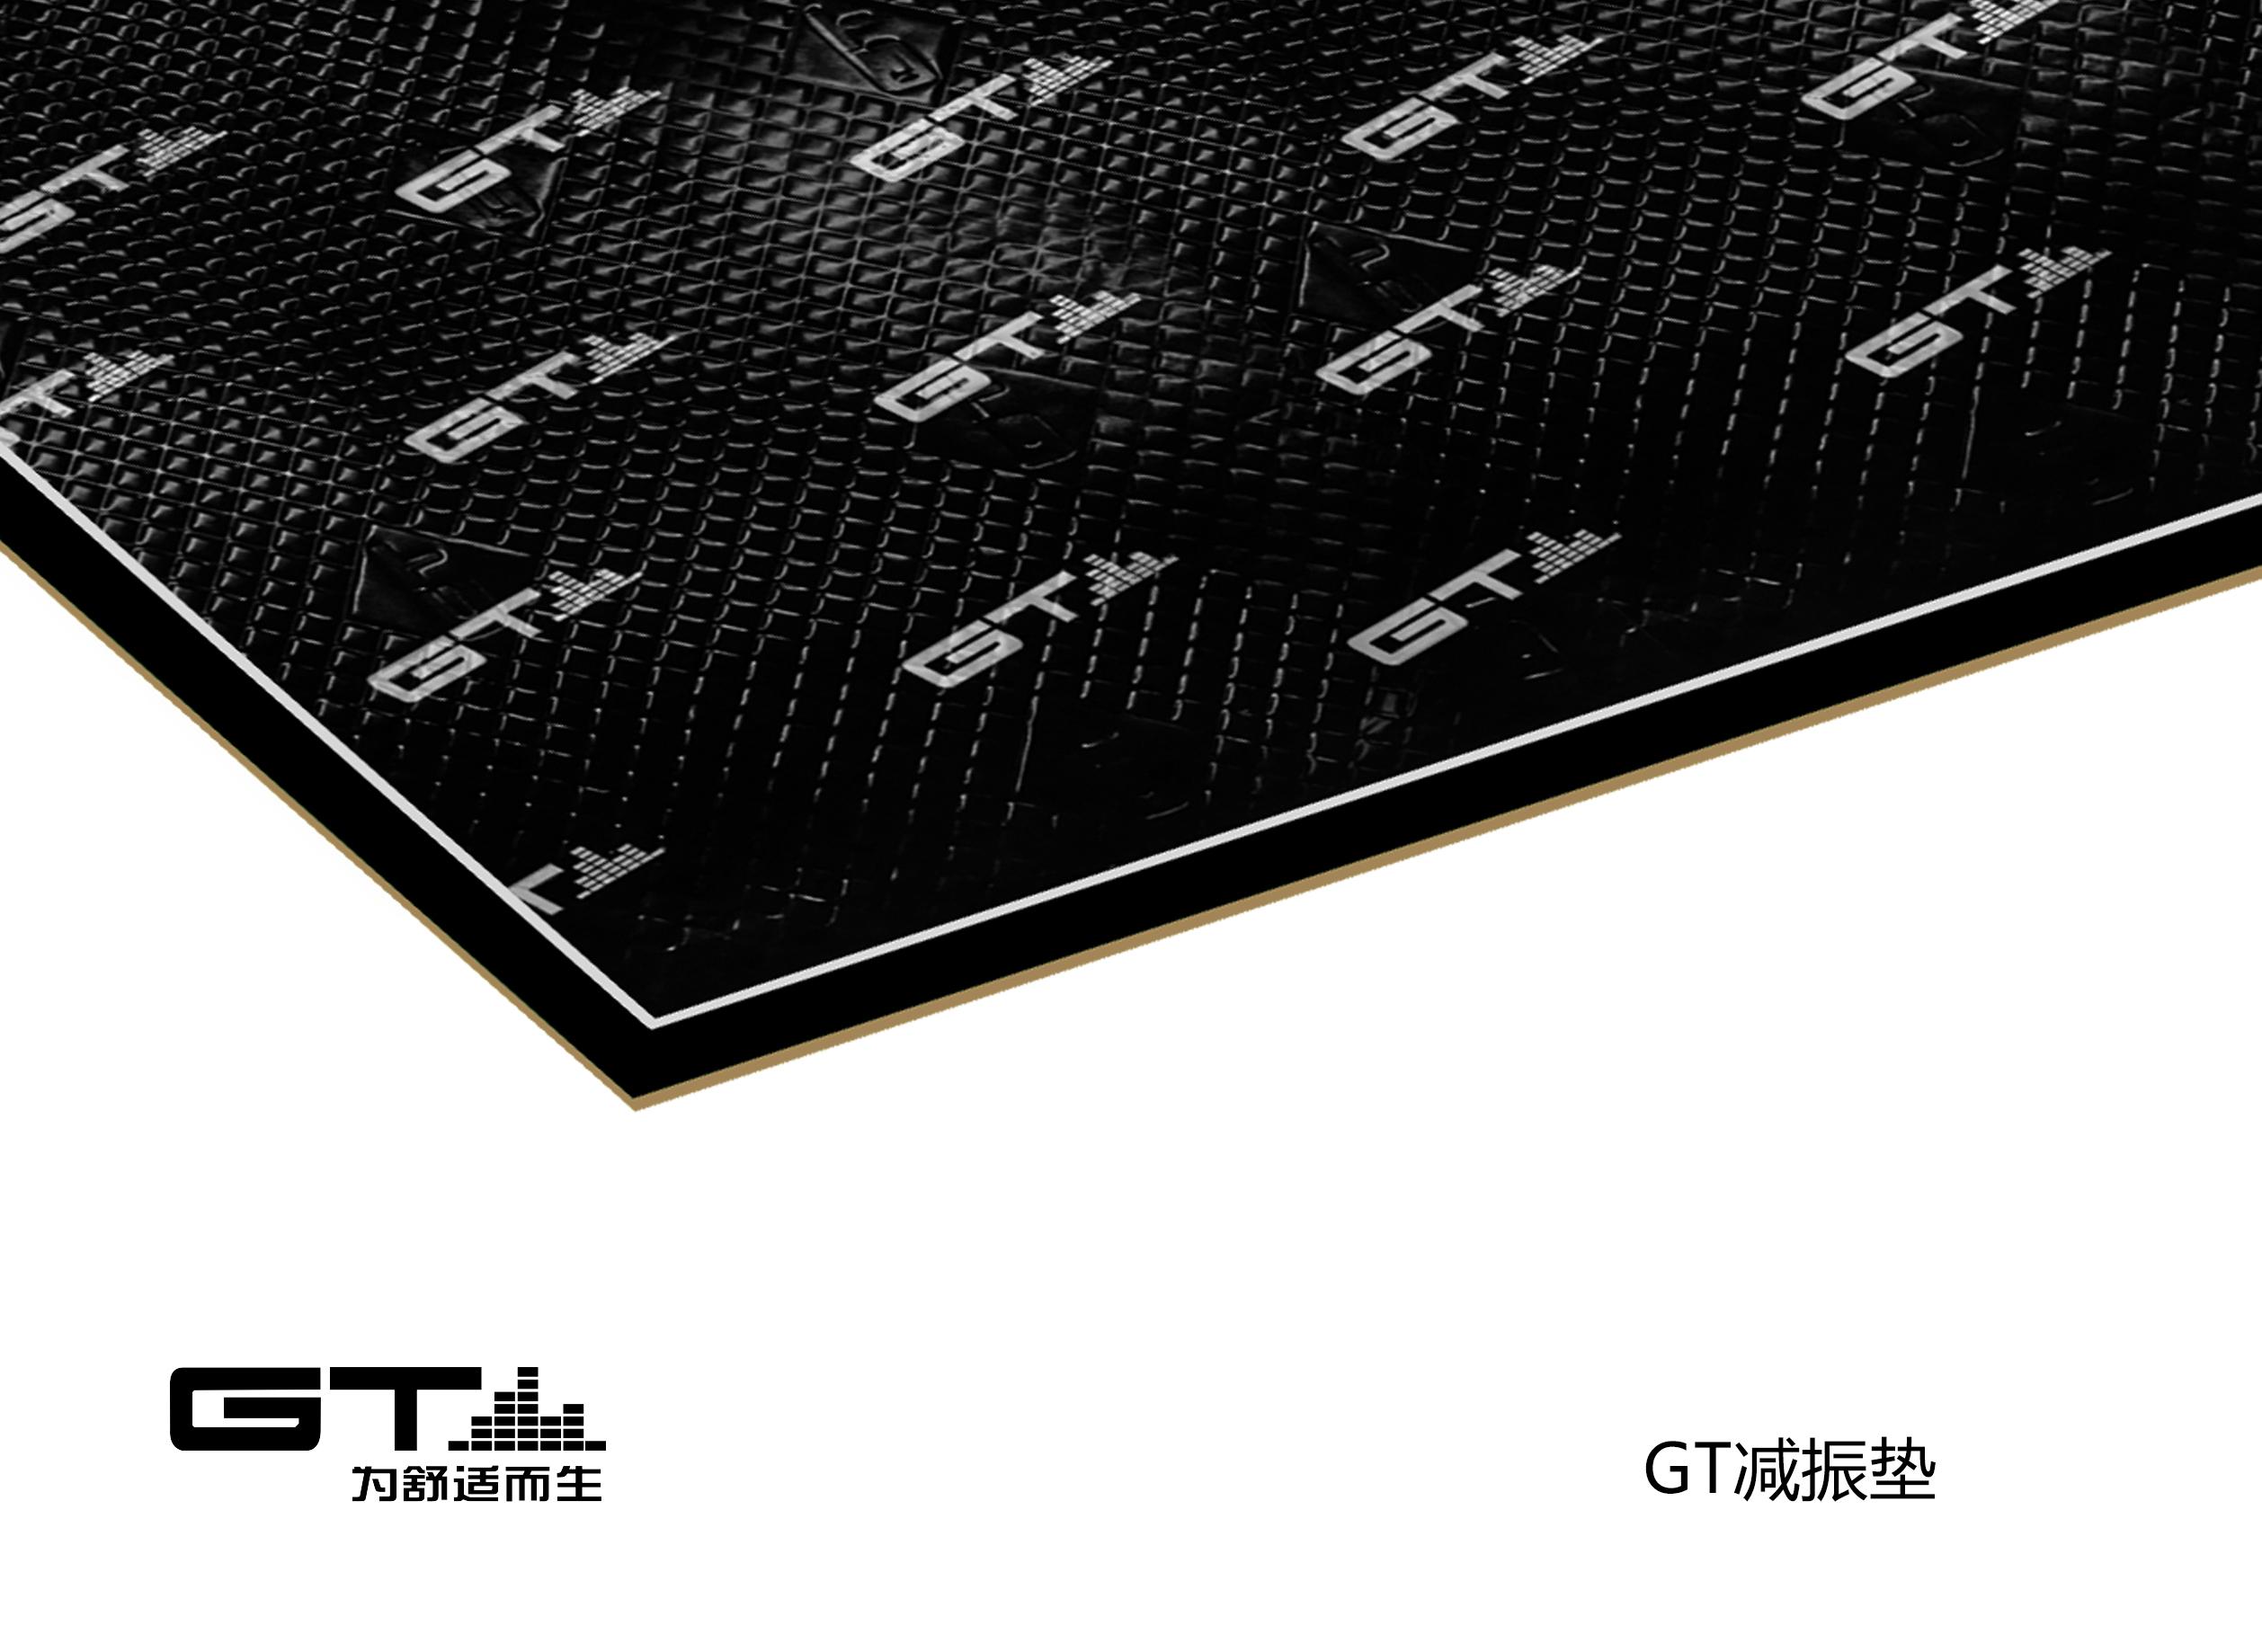 GT减震垫